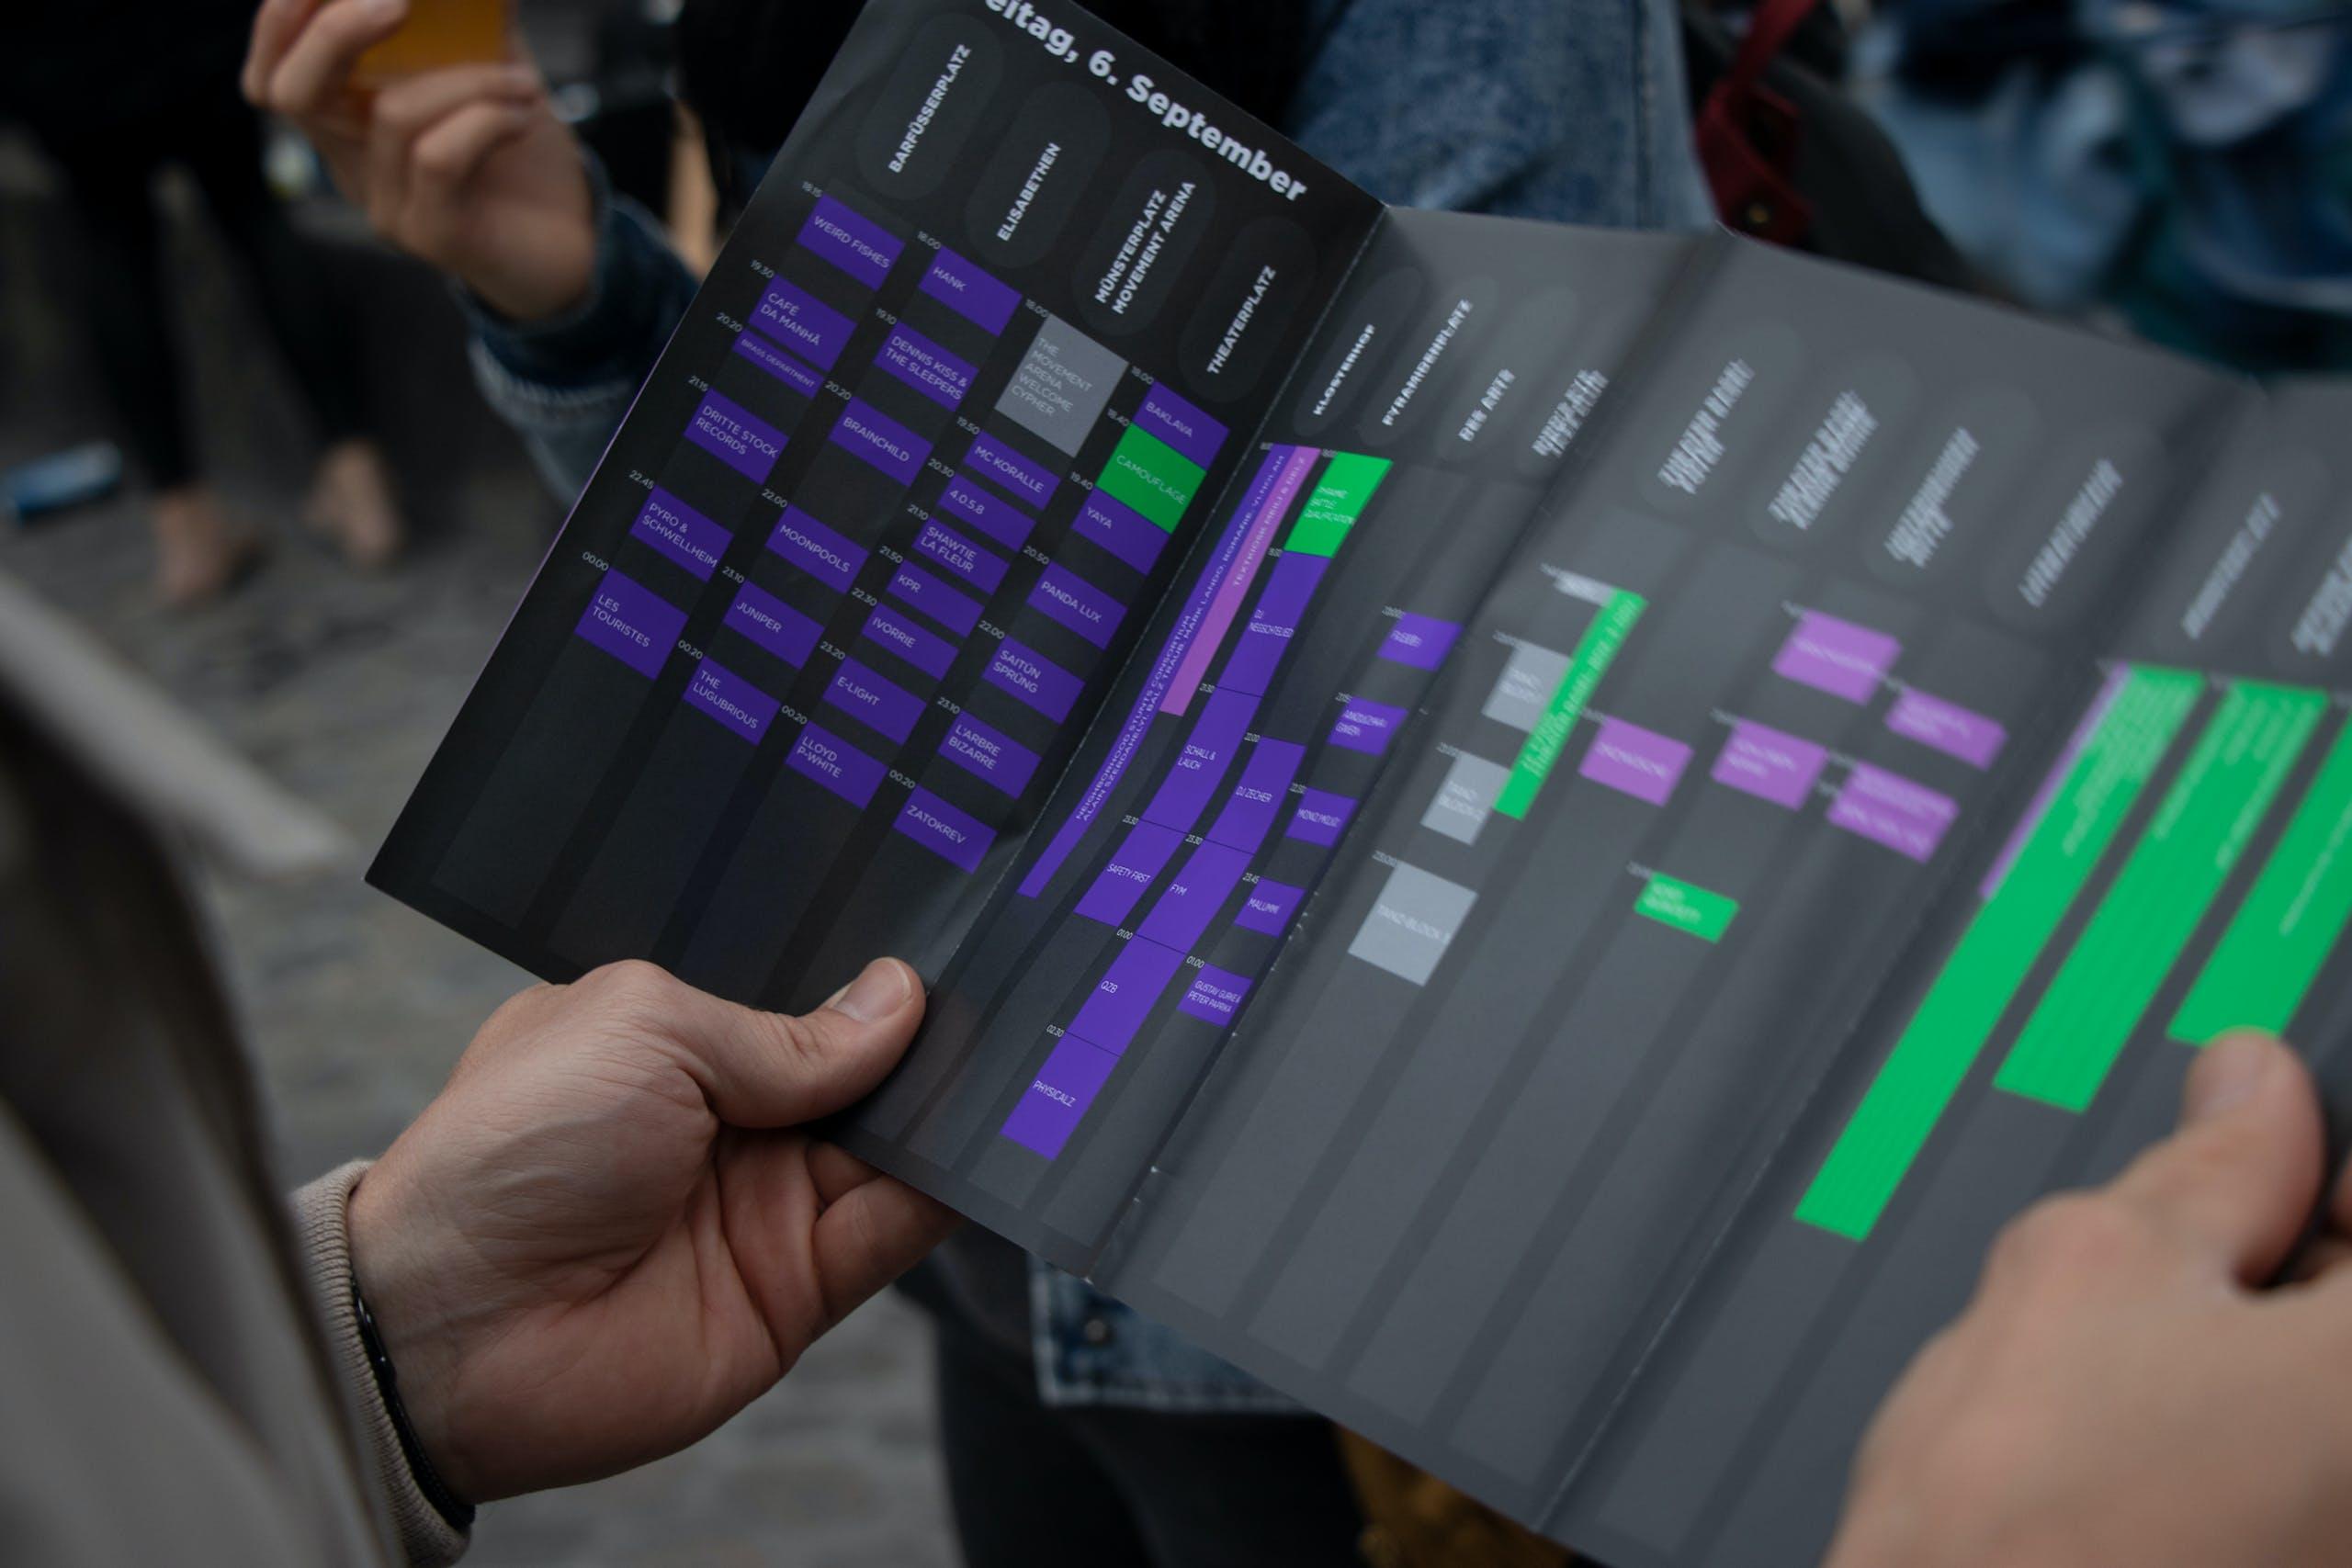 Cedric Kegreiss, Jugendkulturfestival Basel, 2019, Grafik Design, Visuelle Gestaltung, Gratis, Basel, Party, Jugend, Kultur, September